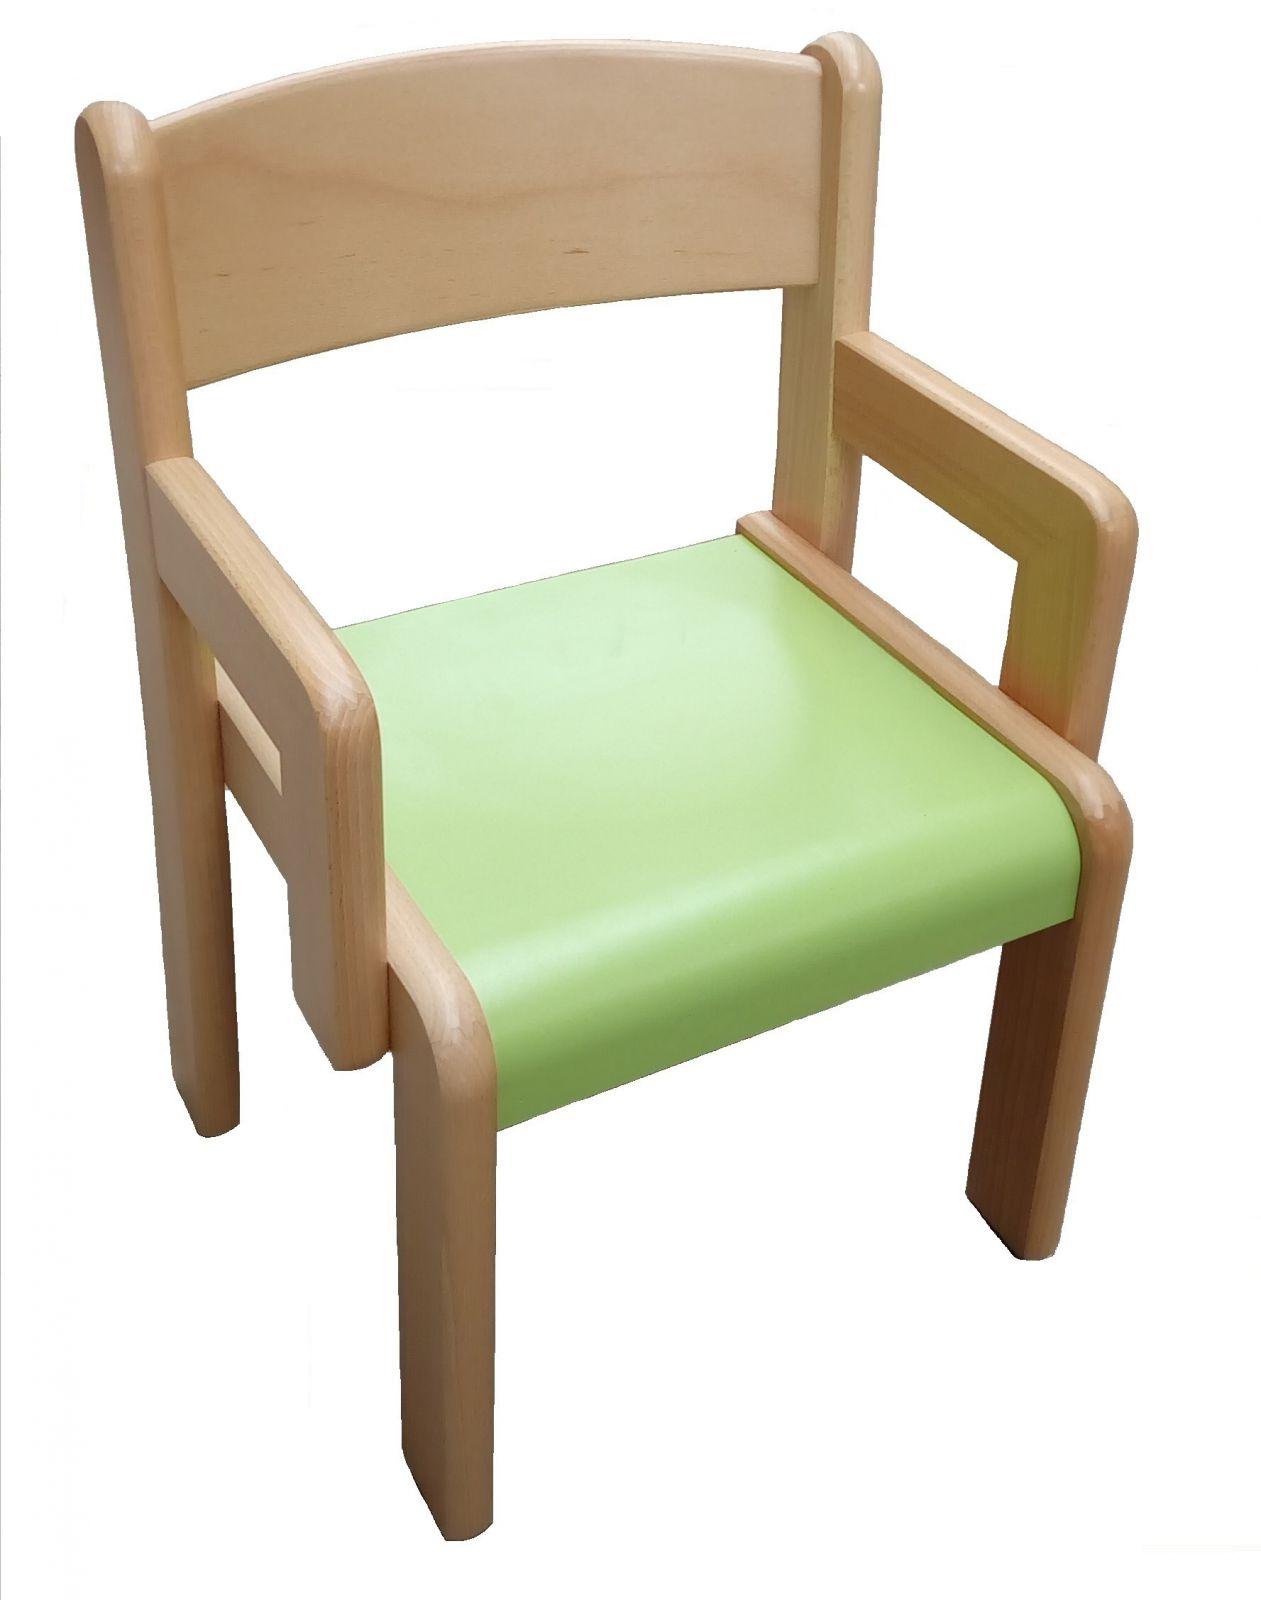 Stolička s podrúčkami VIGO - farebný umakartový sedák